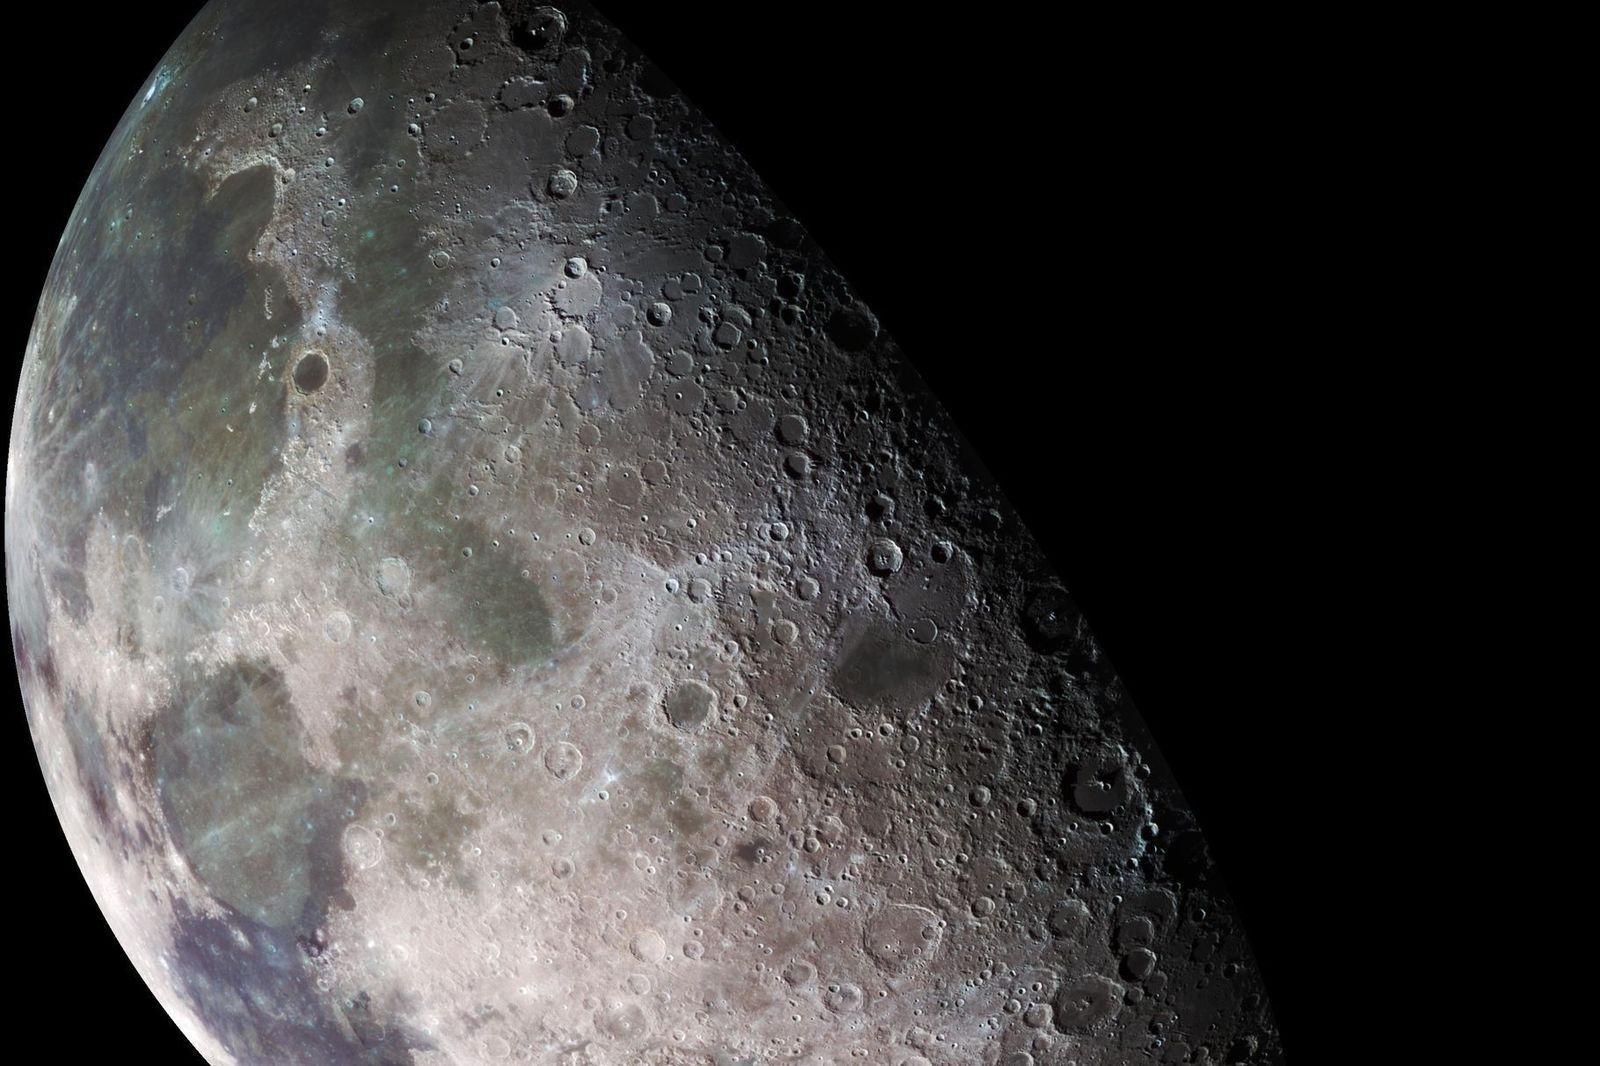 08bc03_moon_surface_x974 Саран дээр ус байгааг баталлаа